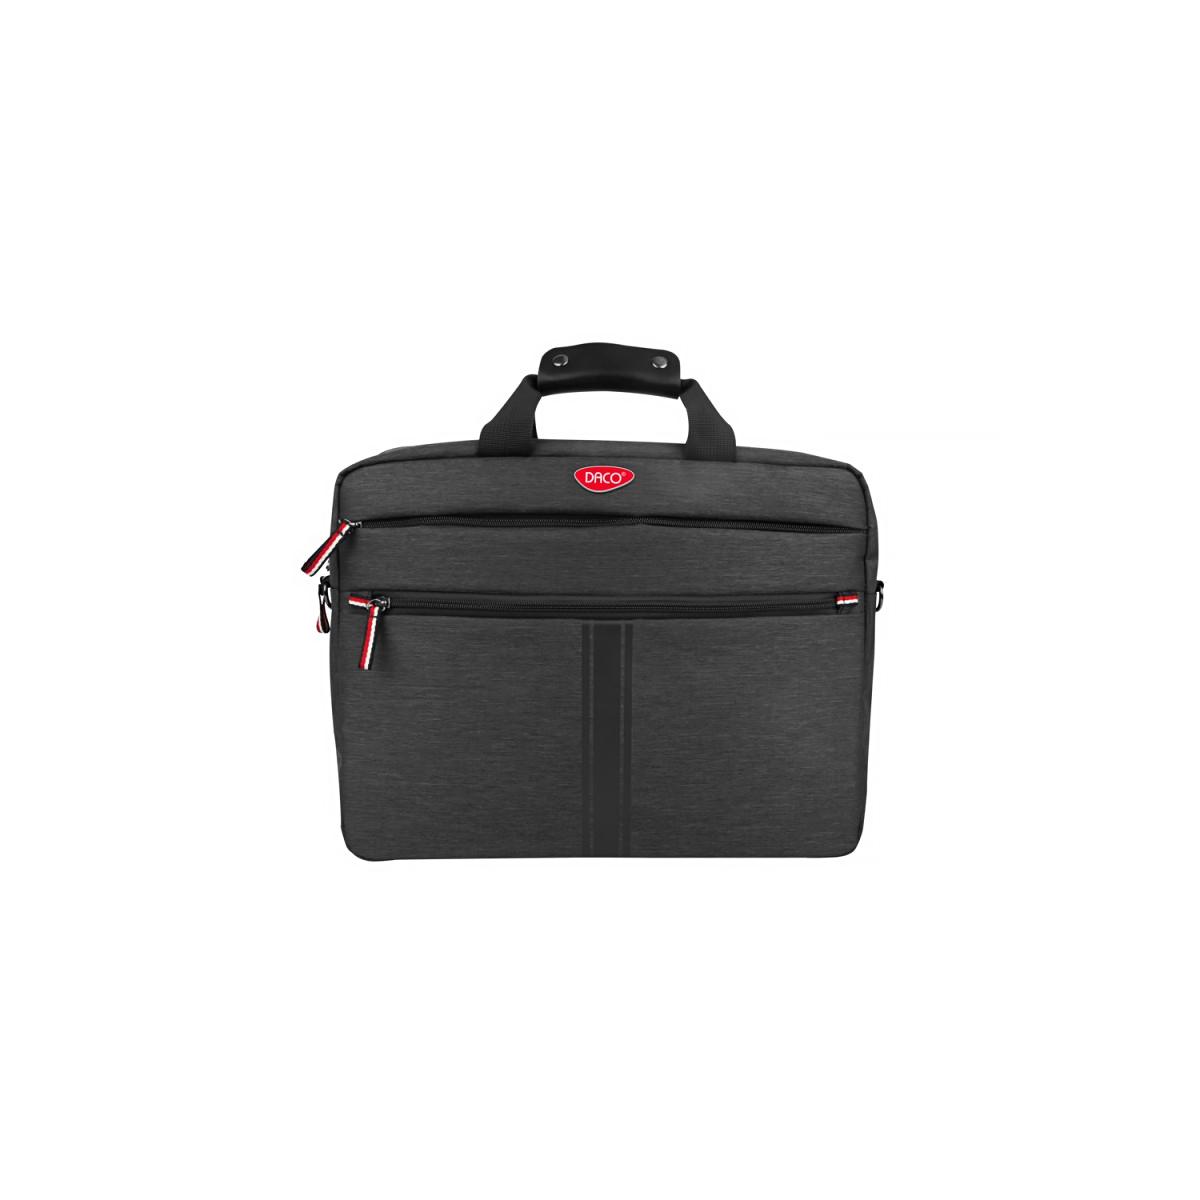 Geantă Pentru Laptop, 15.6 Inch, Negru & Roșu, Daco, GL164